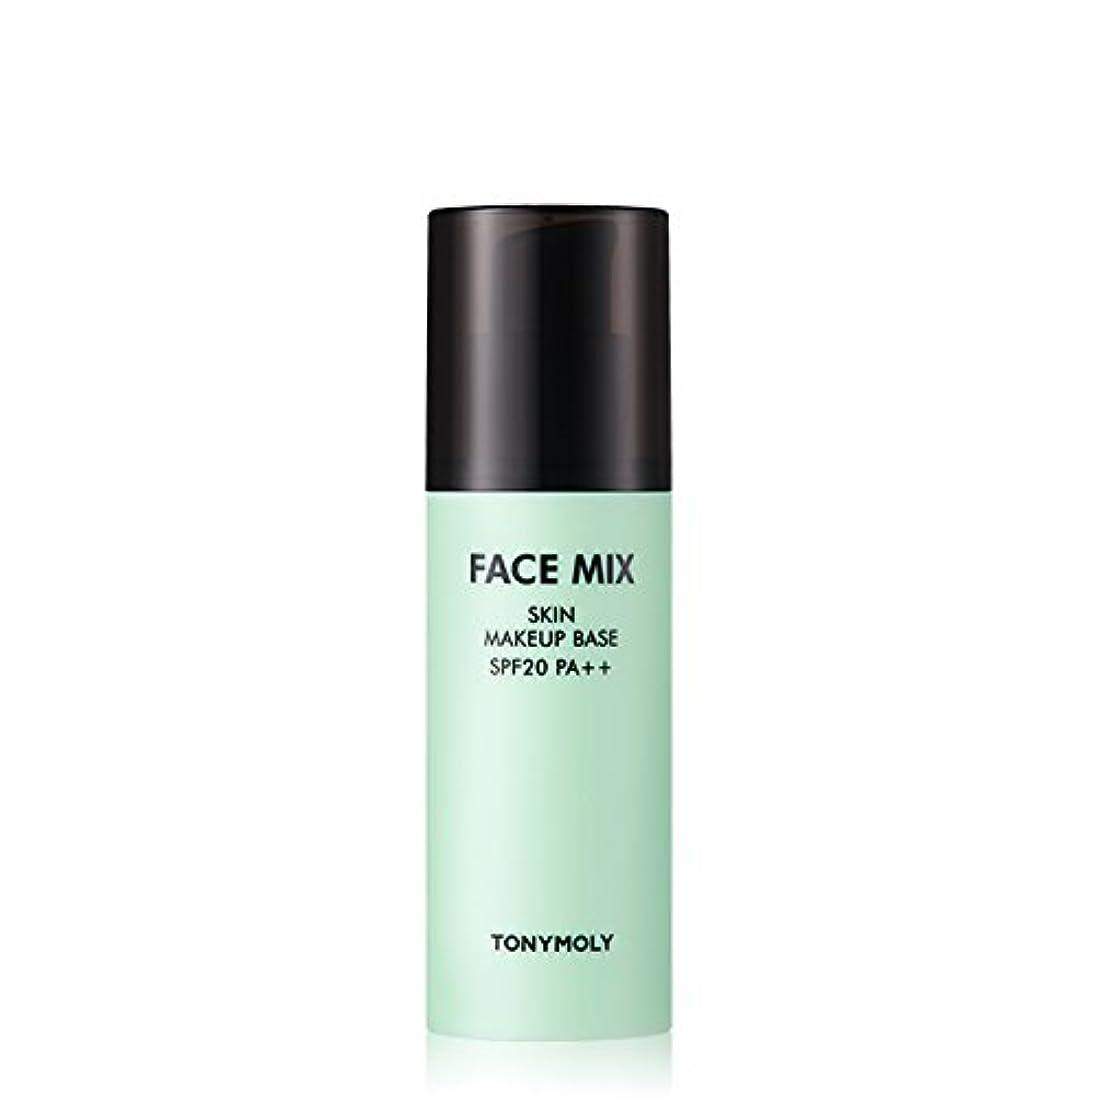 安全性ペッカディロ月面# 01 Green TONYMOLY Face Mix Skin Make up Base トニーモリー フェイスミックス スキン メイクアップベース [並行輸入品]